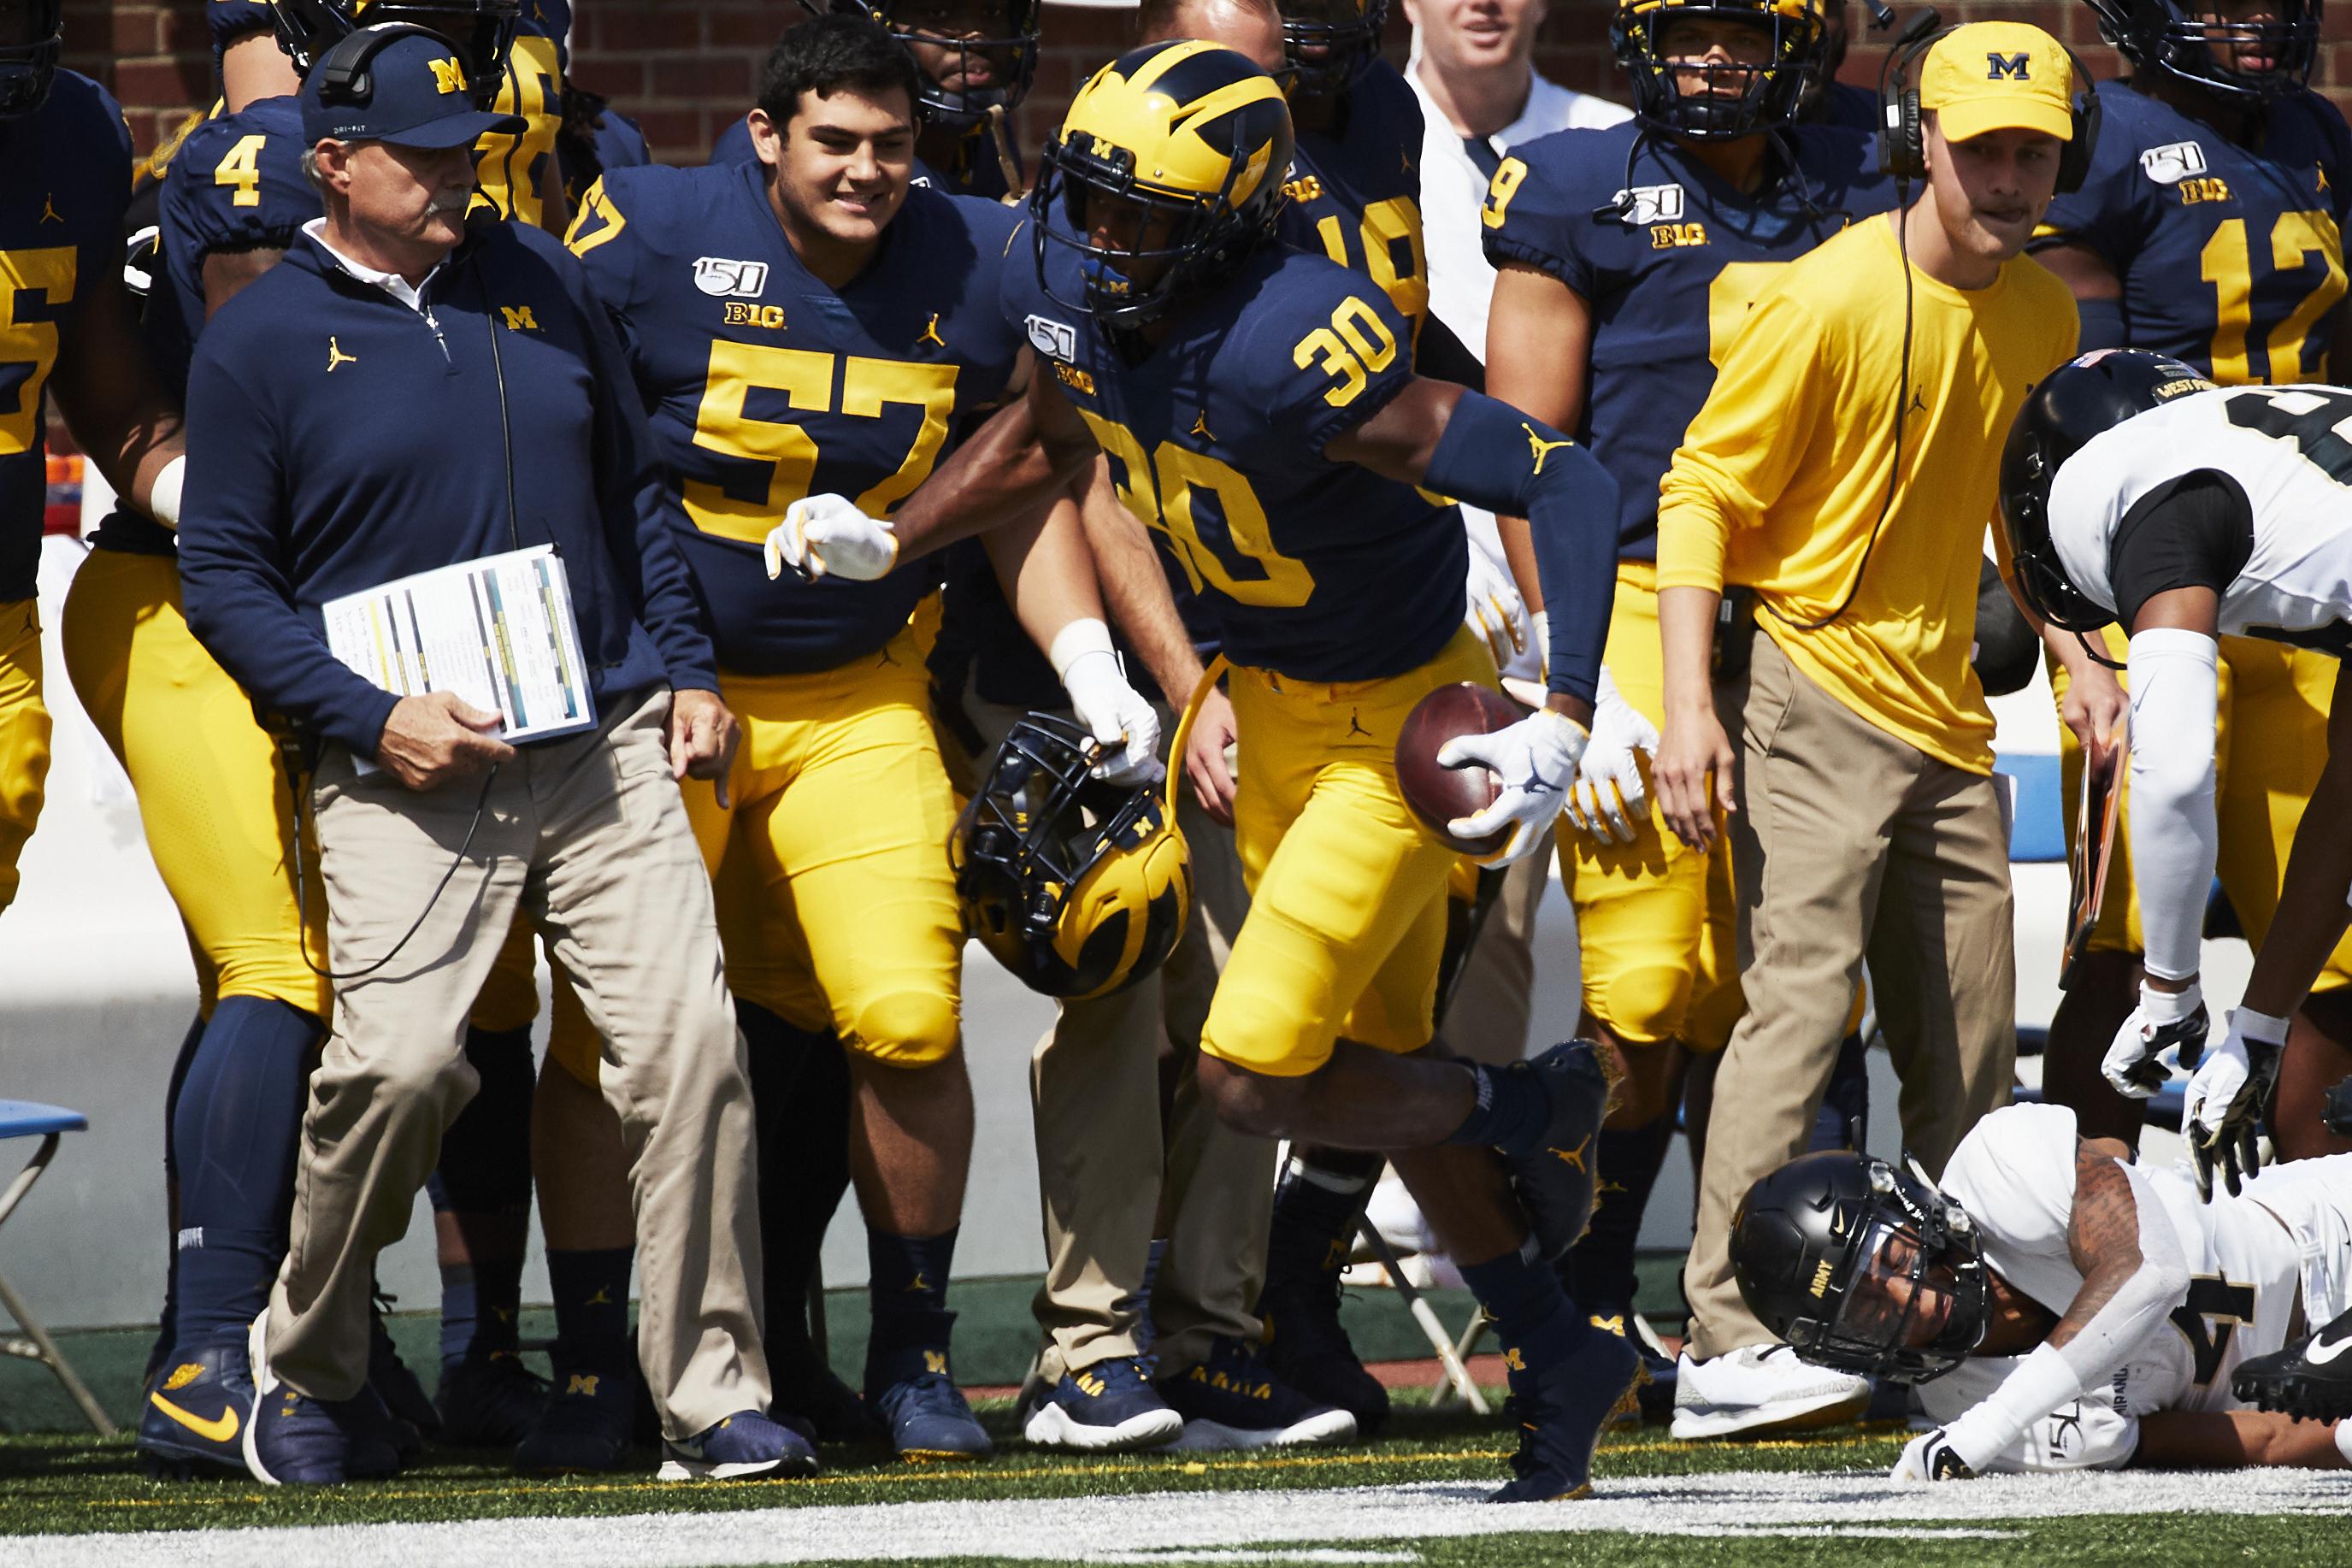 NCAA Football: Army at Michigan